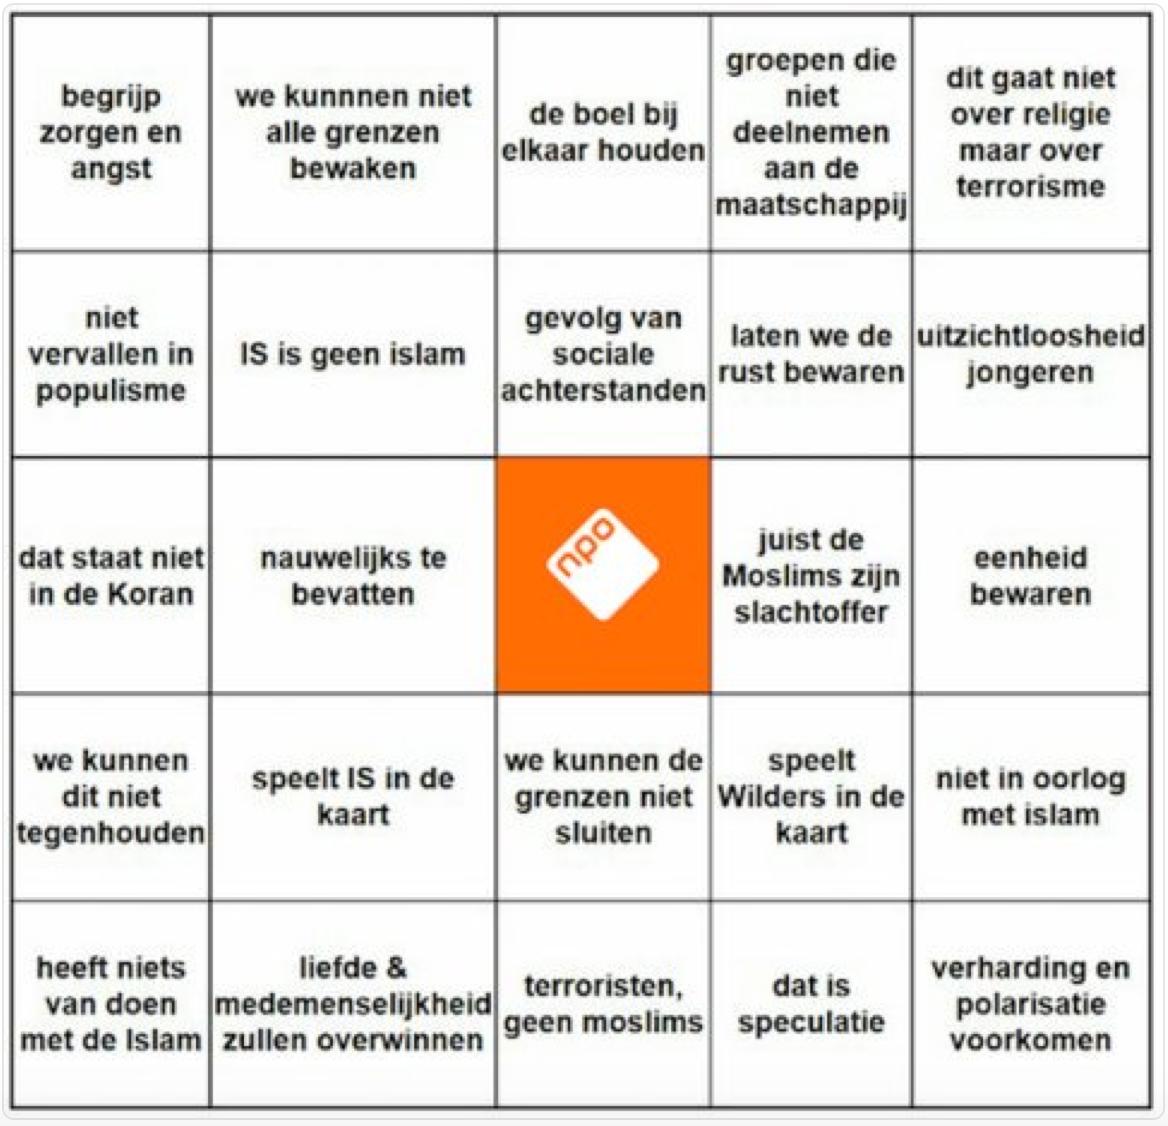 npo_aanslagen_bingokaart.jpg